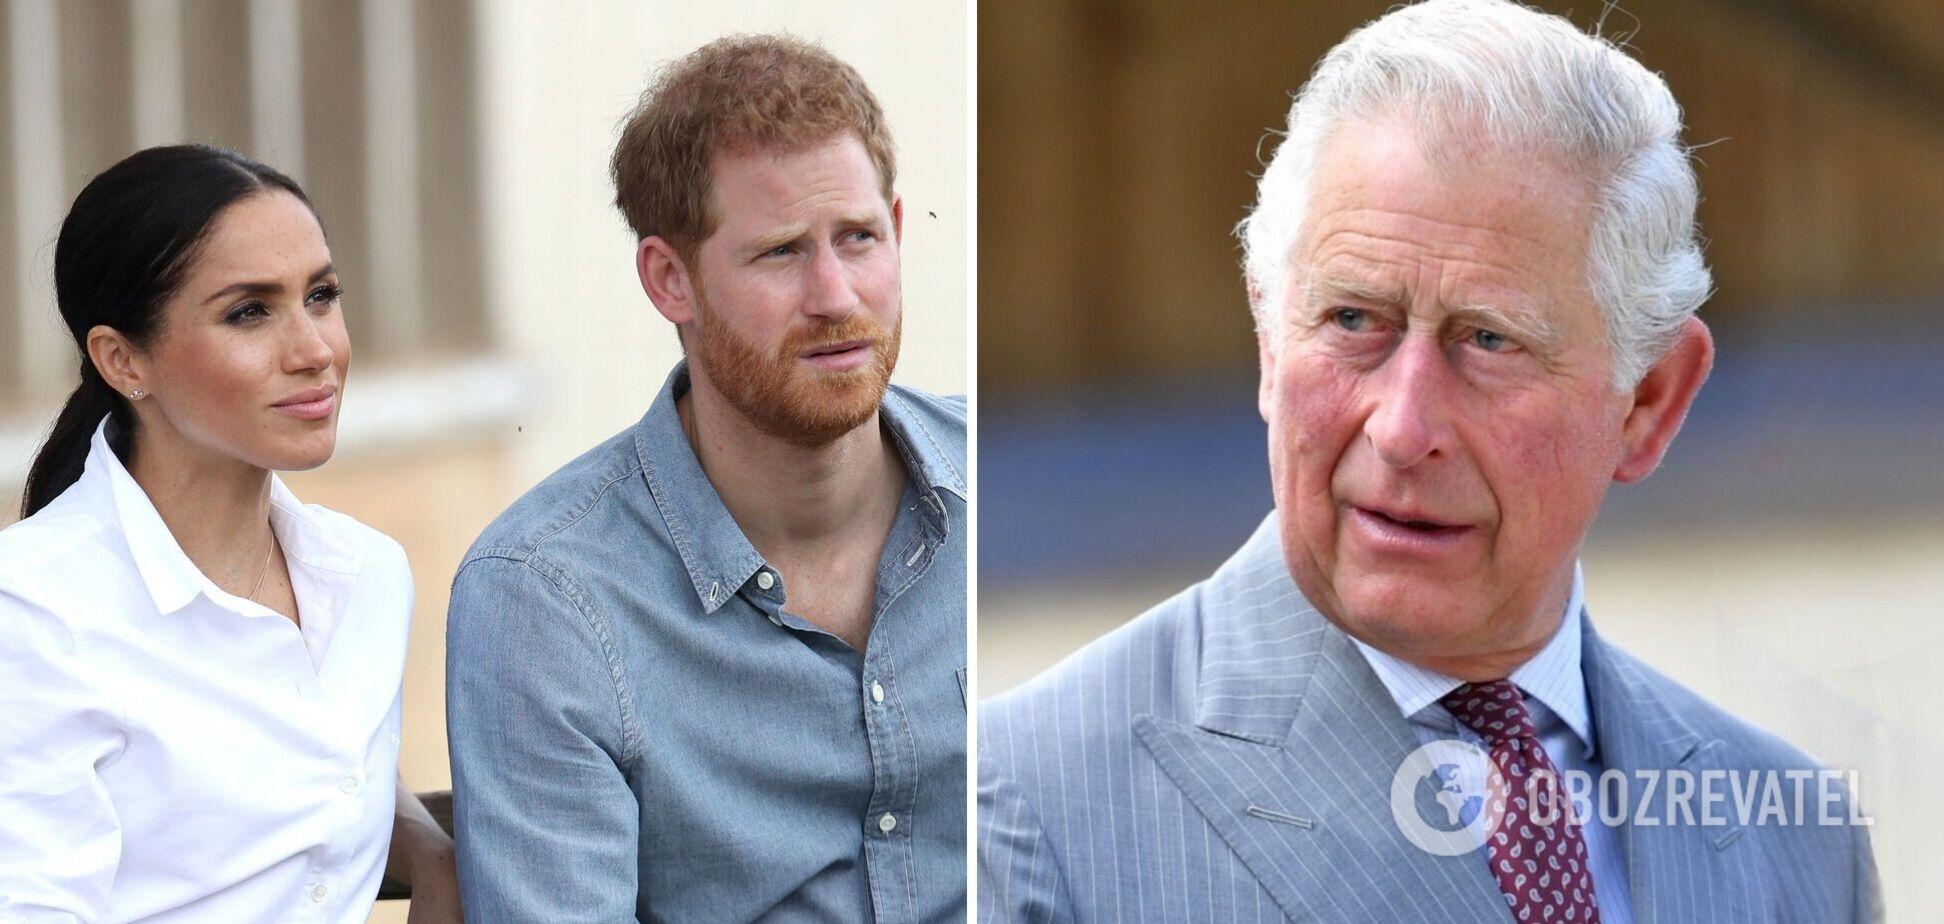 Принц Чарльз планирует исключить Гарри и Меган из королевской семьи